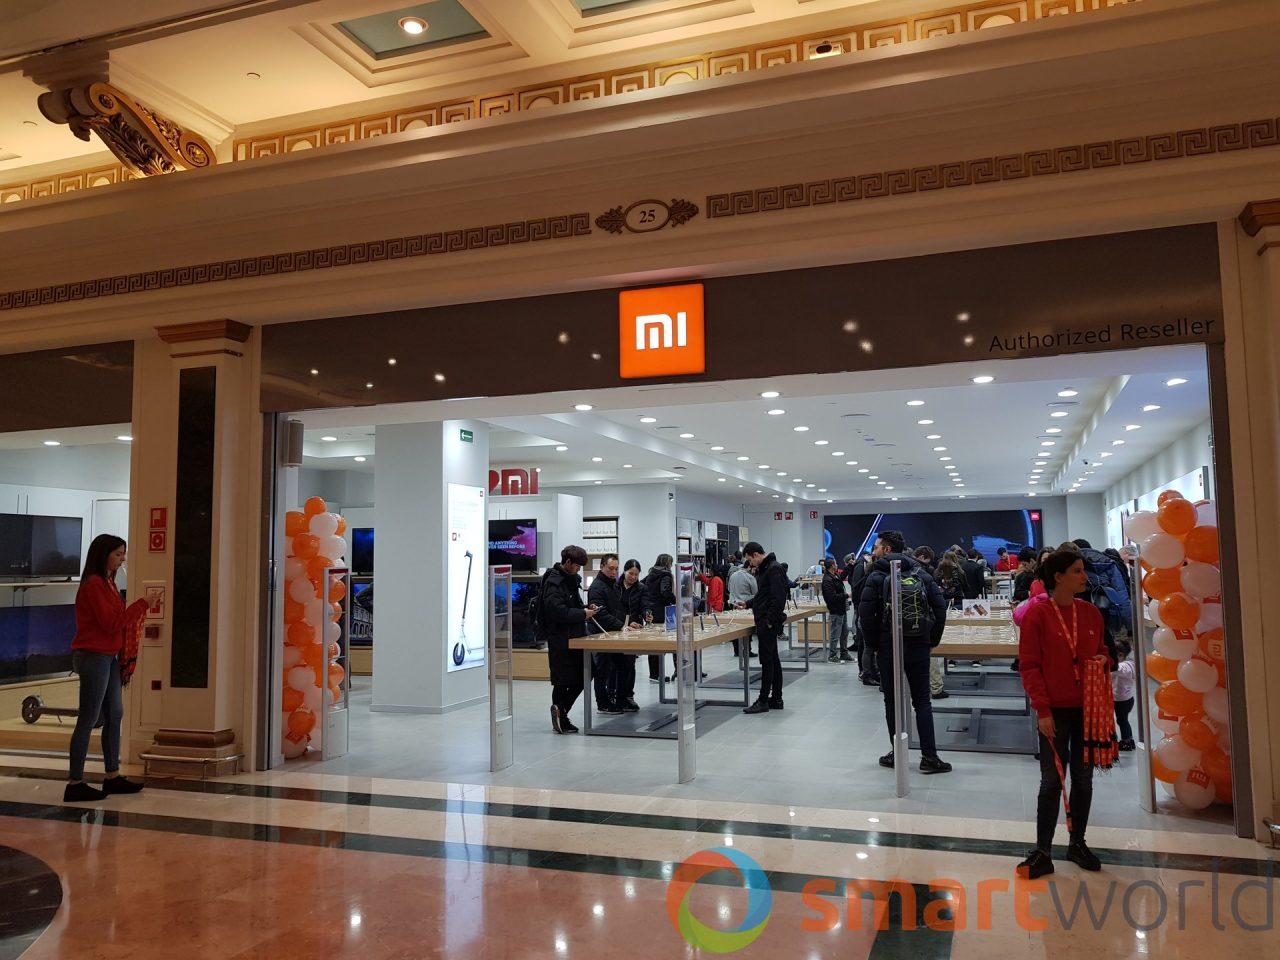 Offerte Xiaomi Mi Store: questa settimana sconti per Mi MIX 3, Mi A2 e Redmi Note 7 (aggiornato)